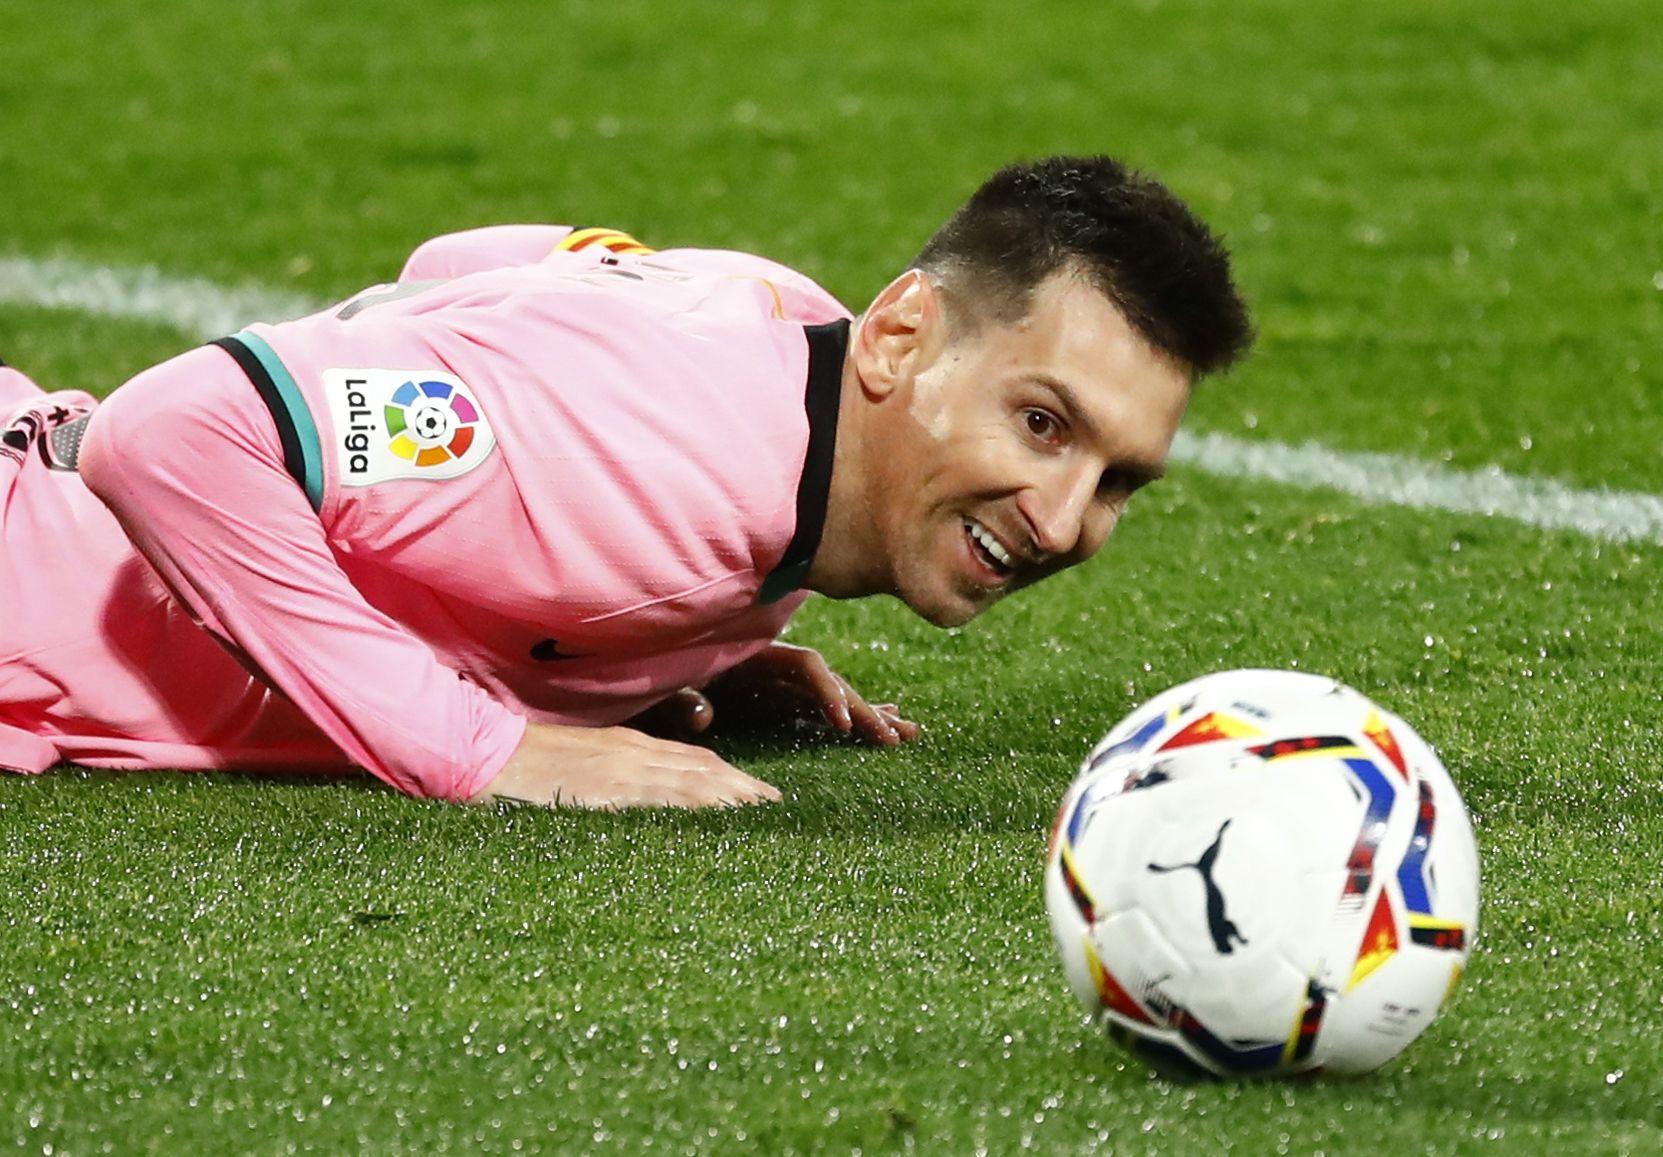 El regreso del fútbol sin público, otro de los temas que tocó Messi (REUTERS/Juan Medina)